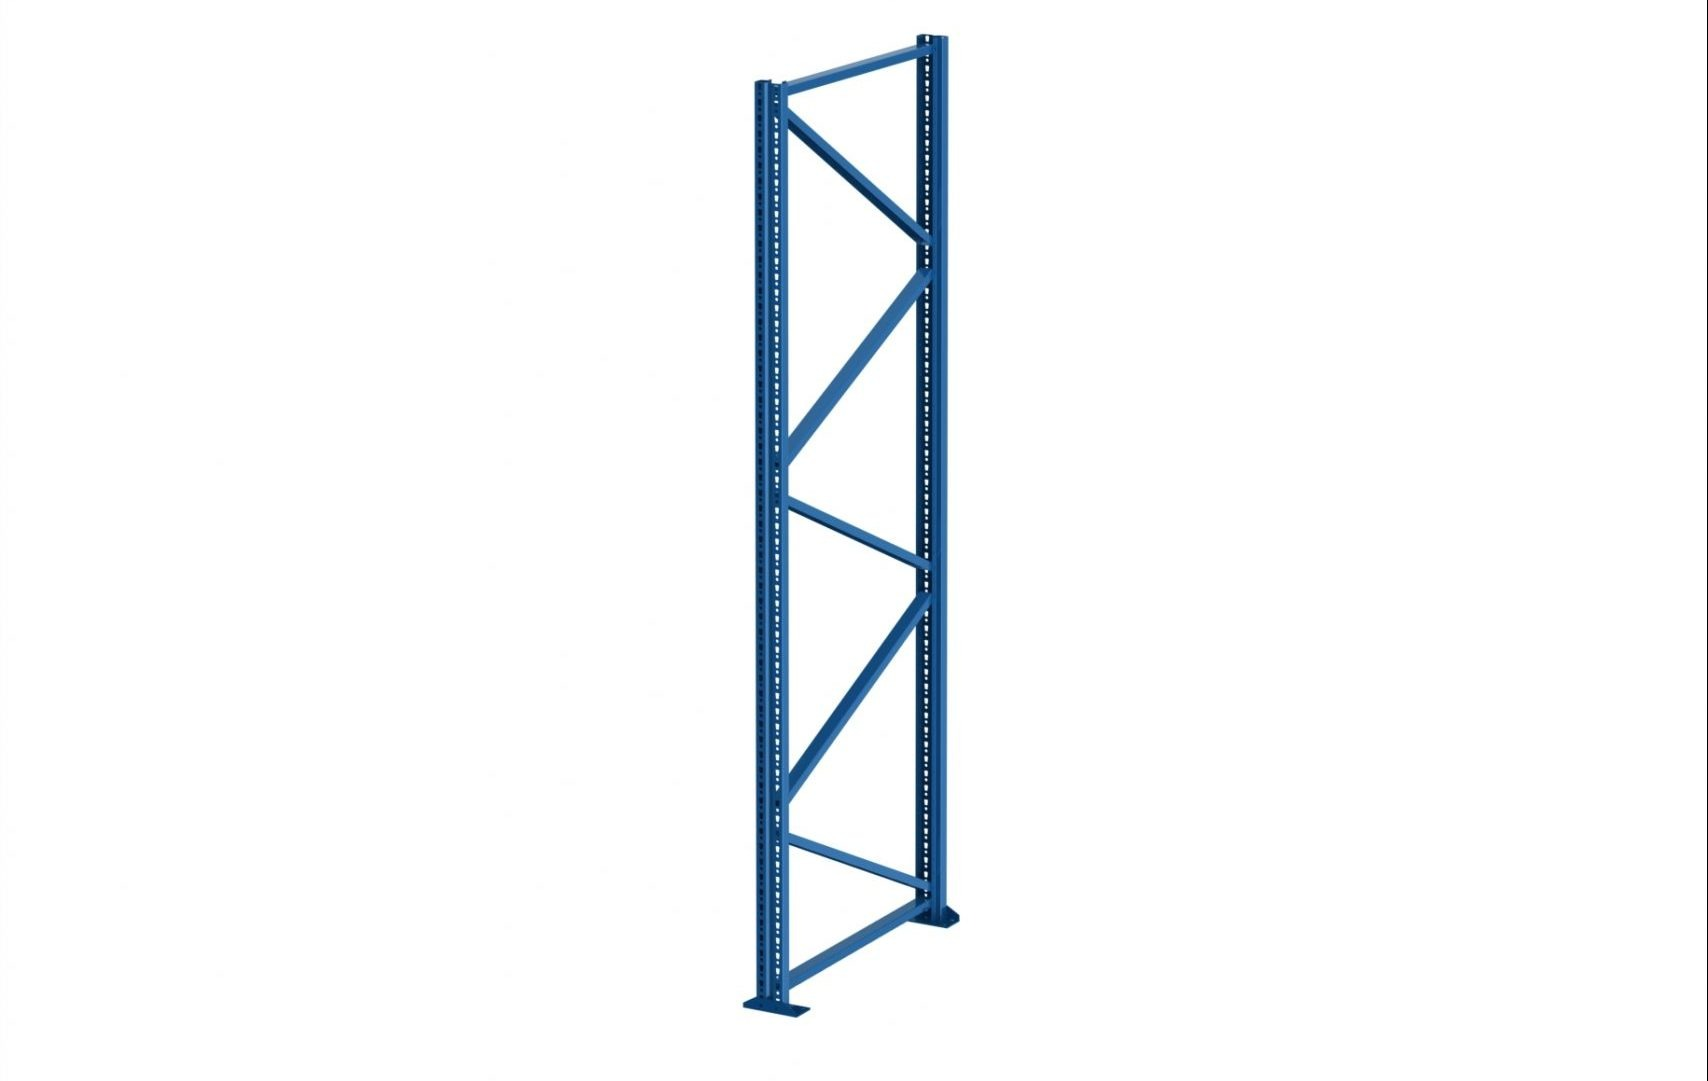 NEDCON Set Ständerrahmen Modell 10068204050 Höhe 3000 mm, Tiefe 1100 mm